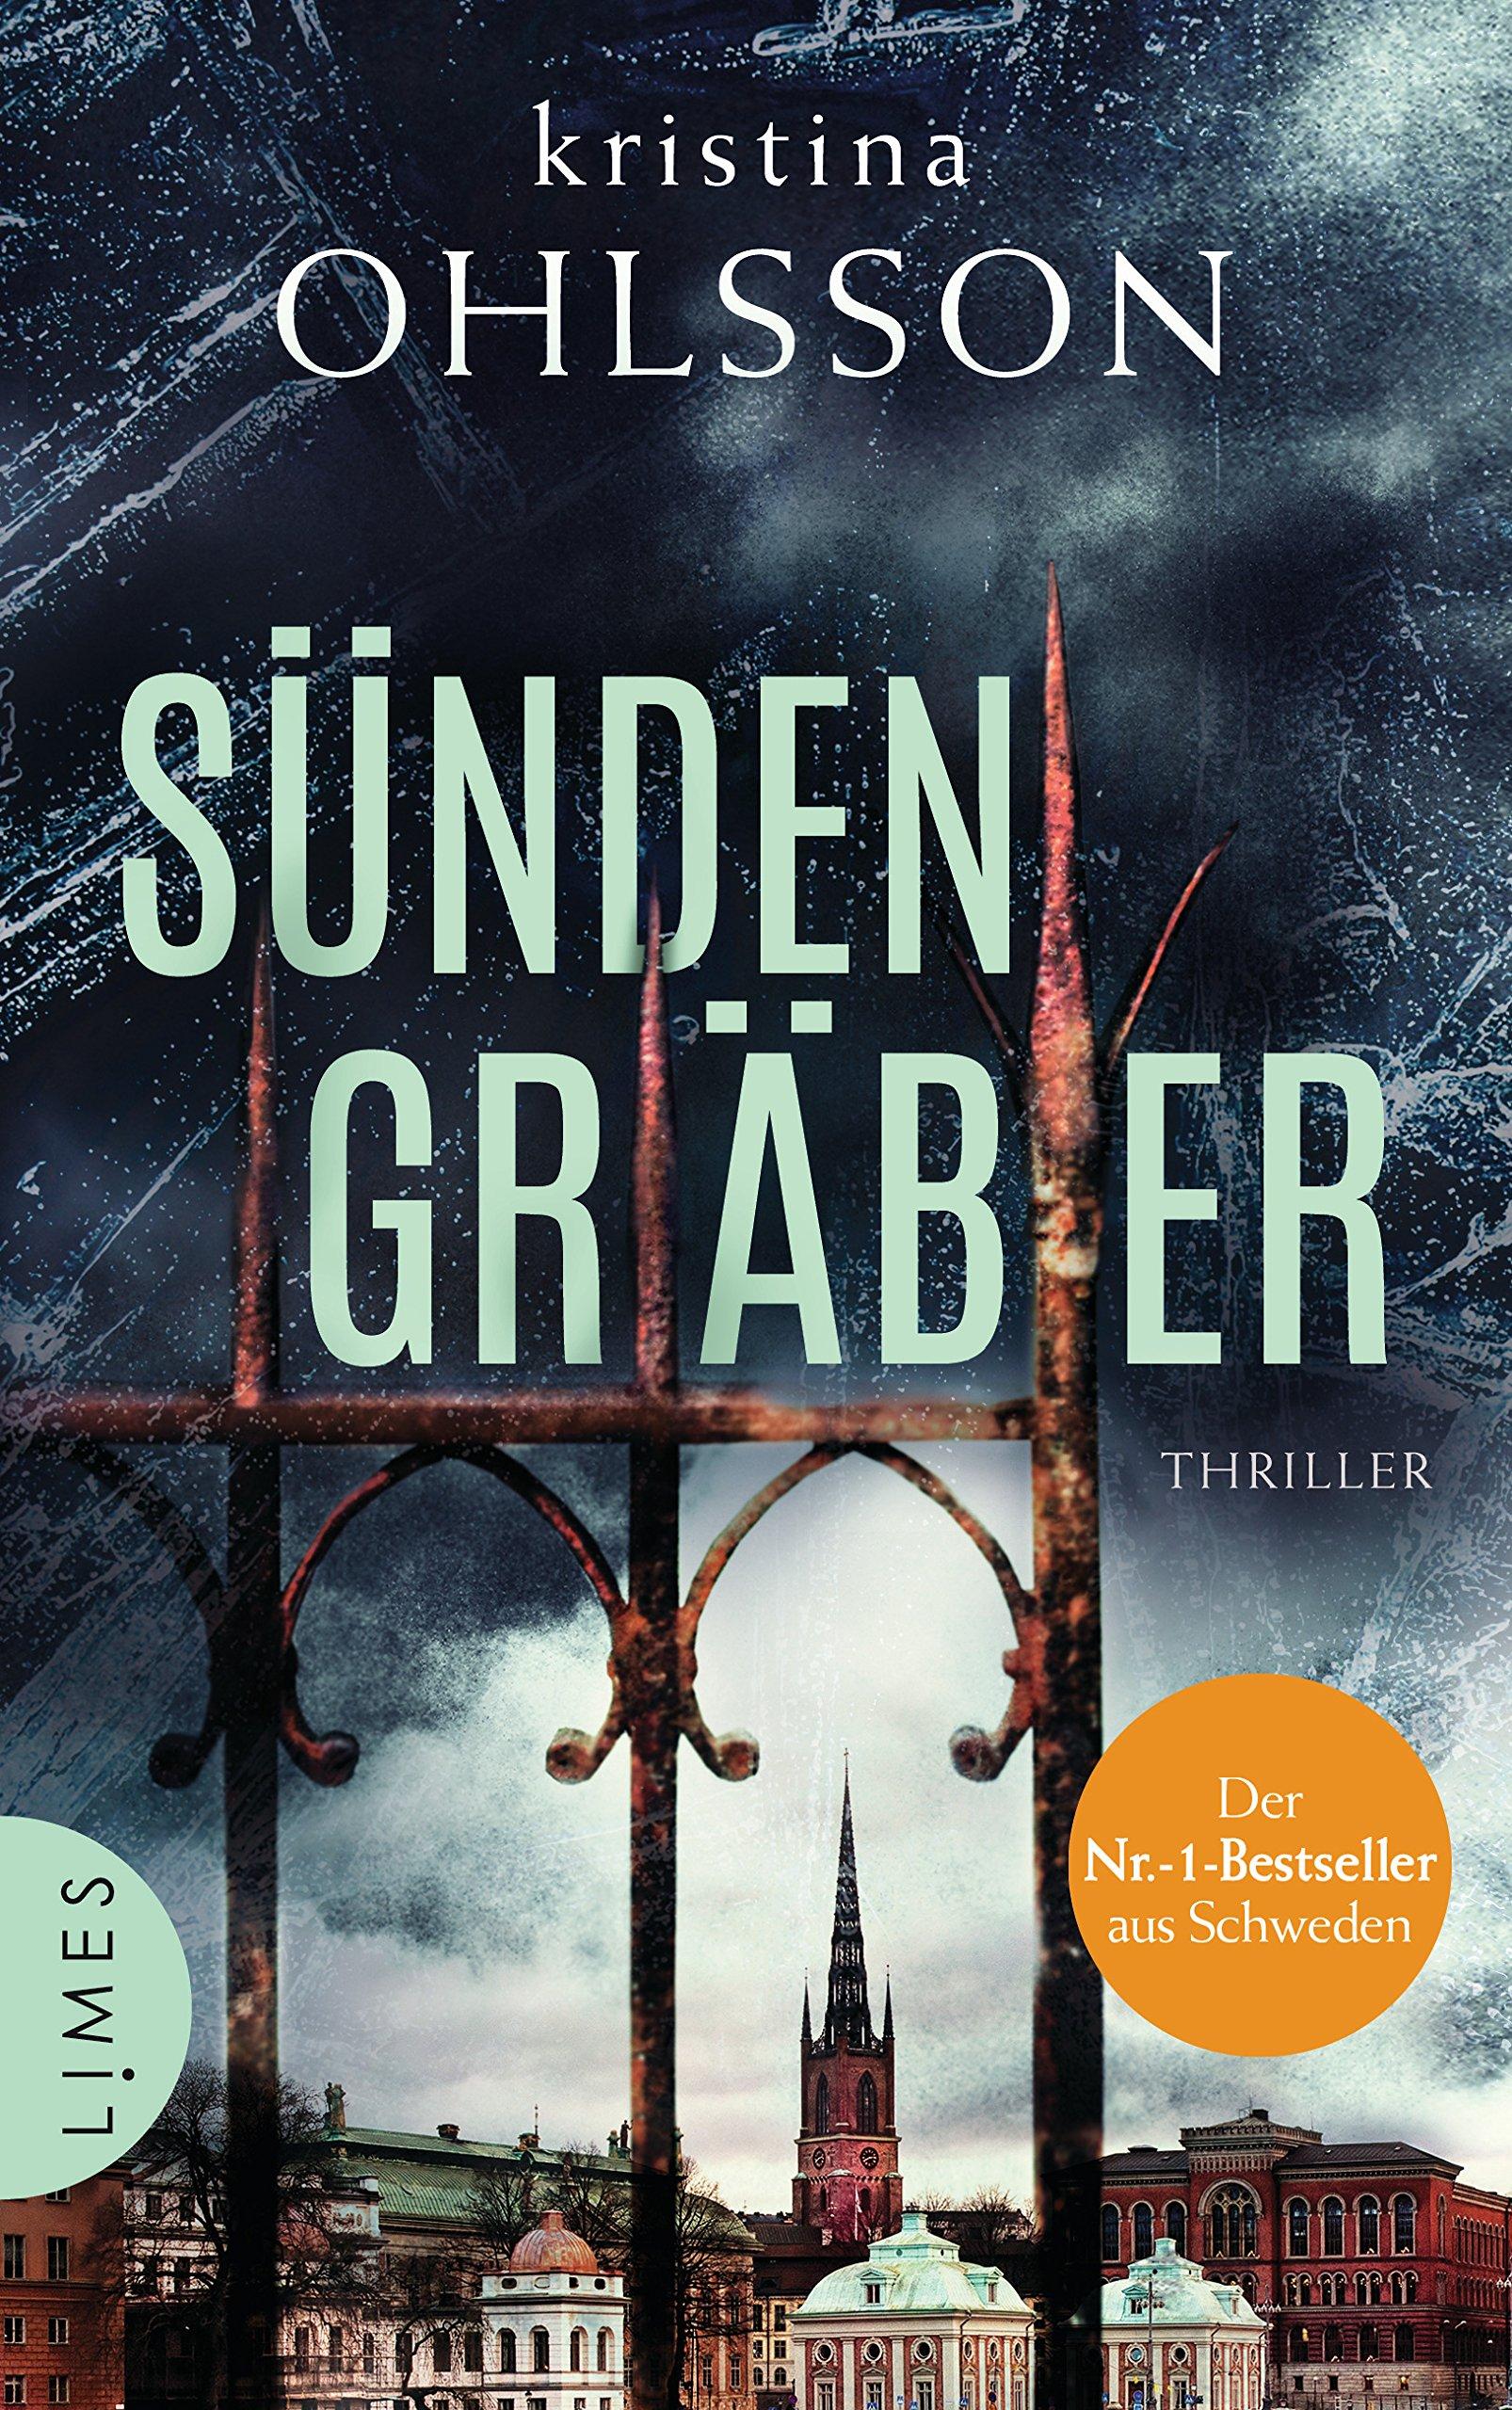 Sündengräber: Thriller (Fredrika Bergmann, Band 6) Gebundenes Buch – 14. Januar 2019 Kristina Ohlsson Susanne Dahmann Limes Verlag 3809026972